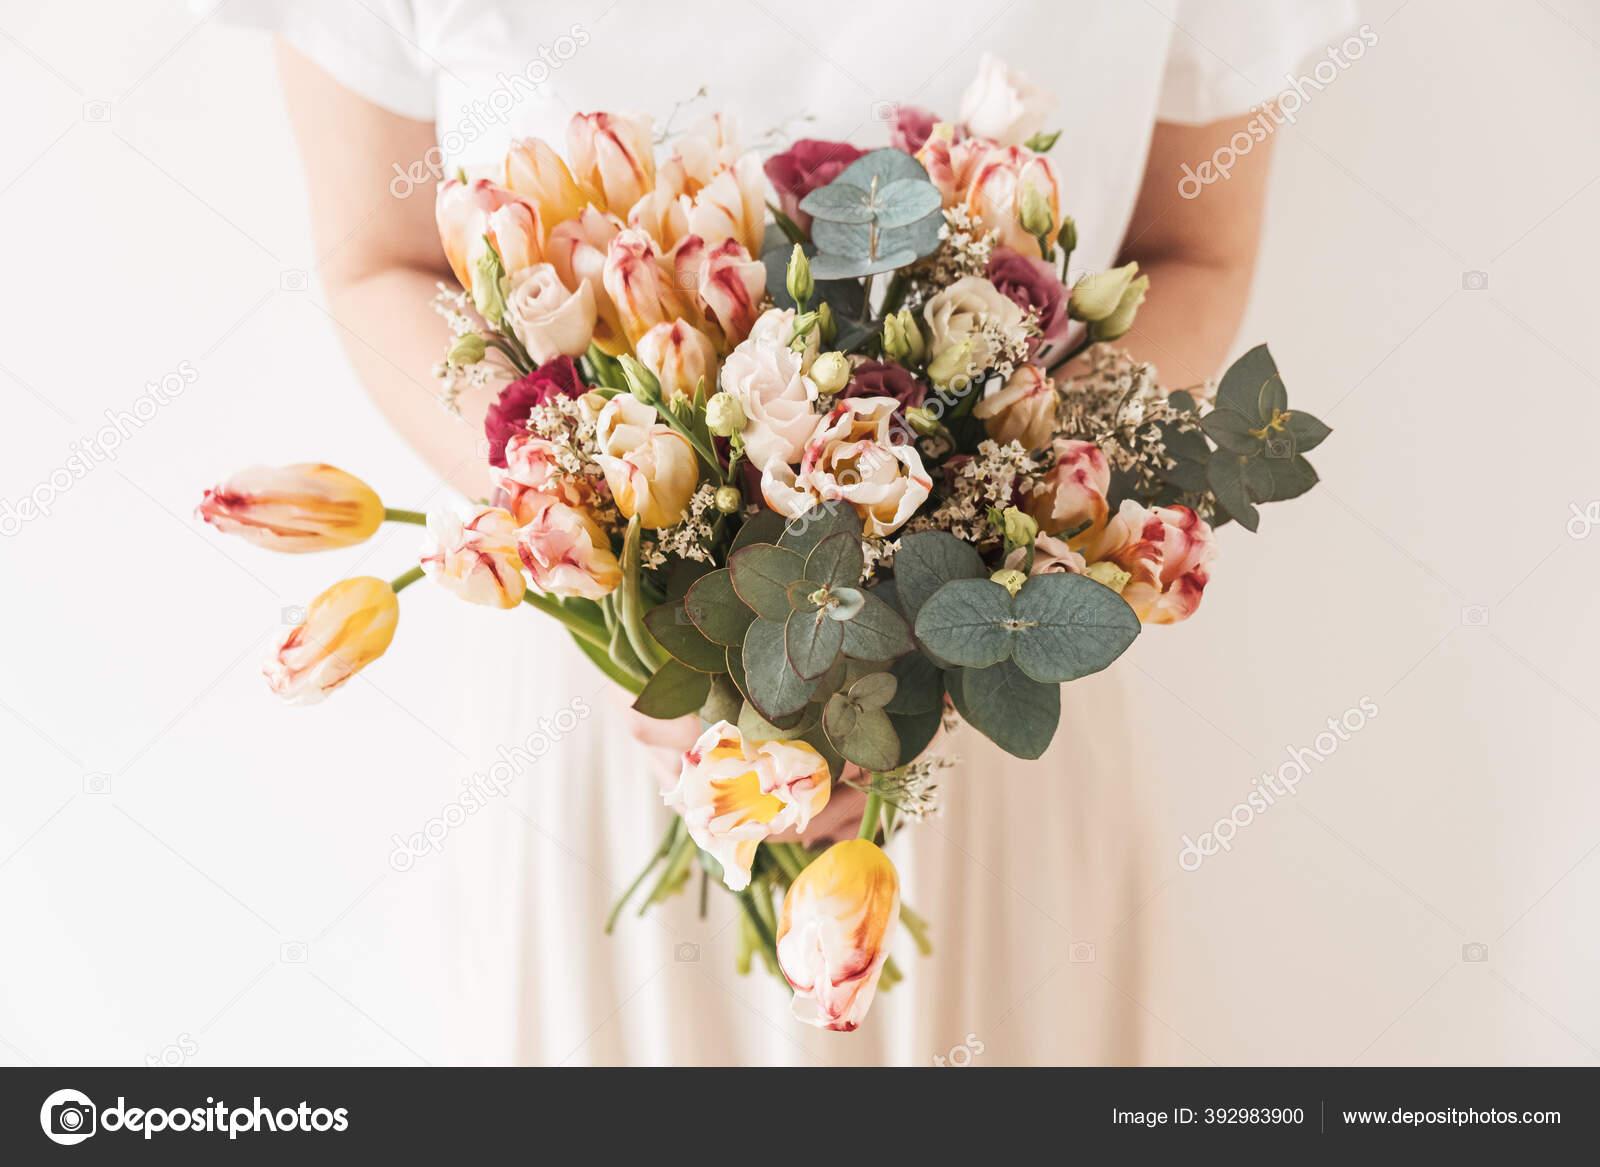 Gadis Cantik Yang Memegang Buket Bunga Dinding Putih Latar Belakang Stok Foto C Maximleshkovich 392983900